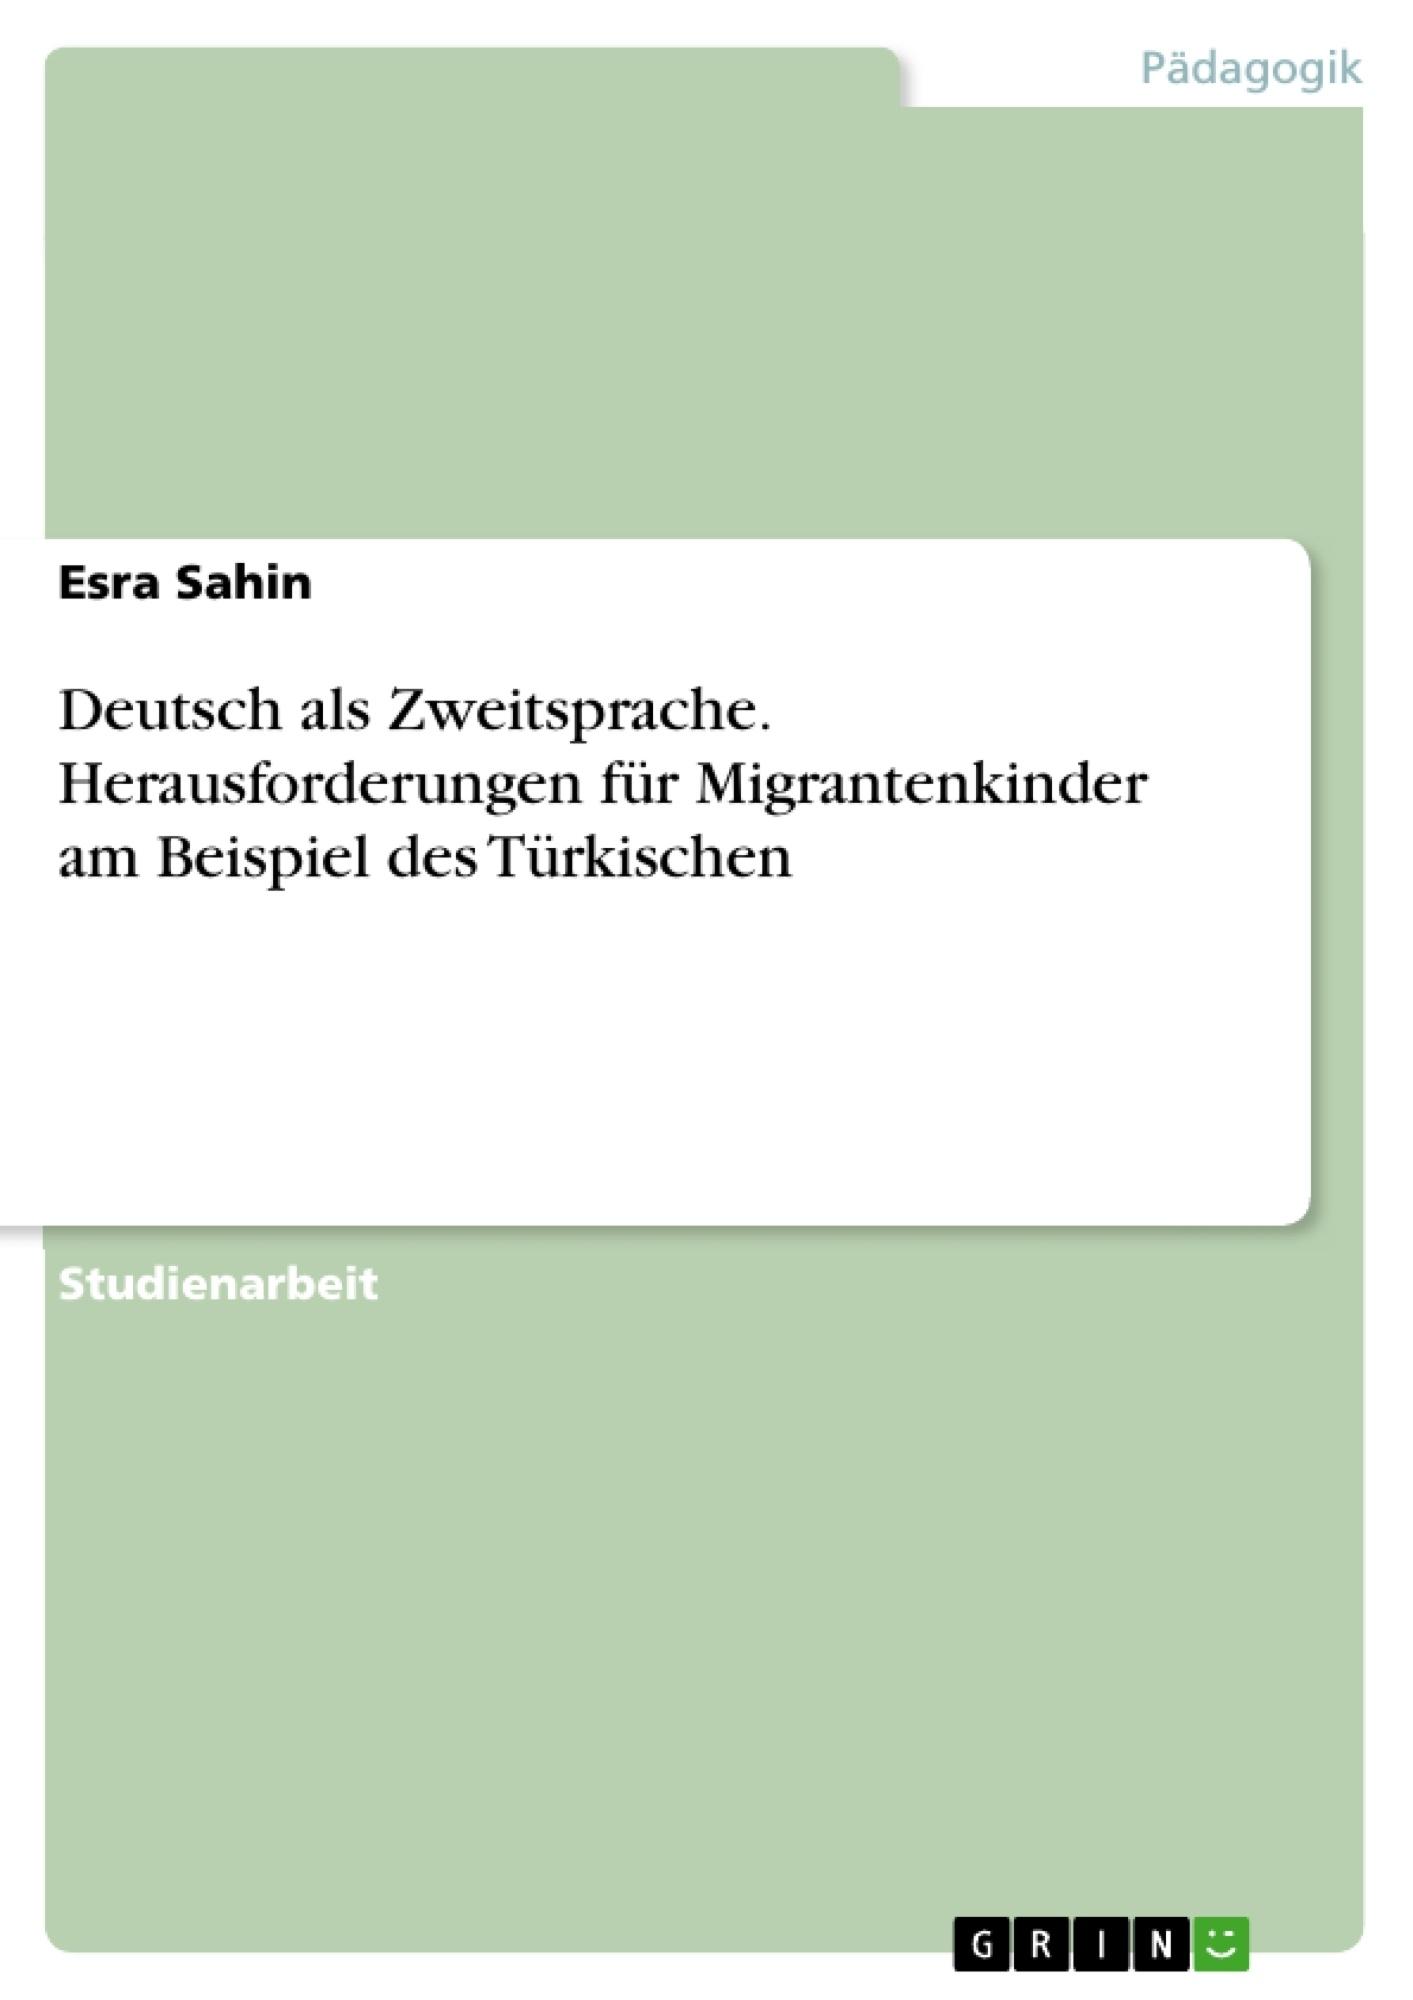 Titel: Deutsch als Zweitsprache. Herausforderungen für Migrantenkinder am Beispiel des Türkischen